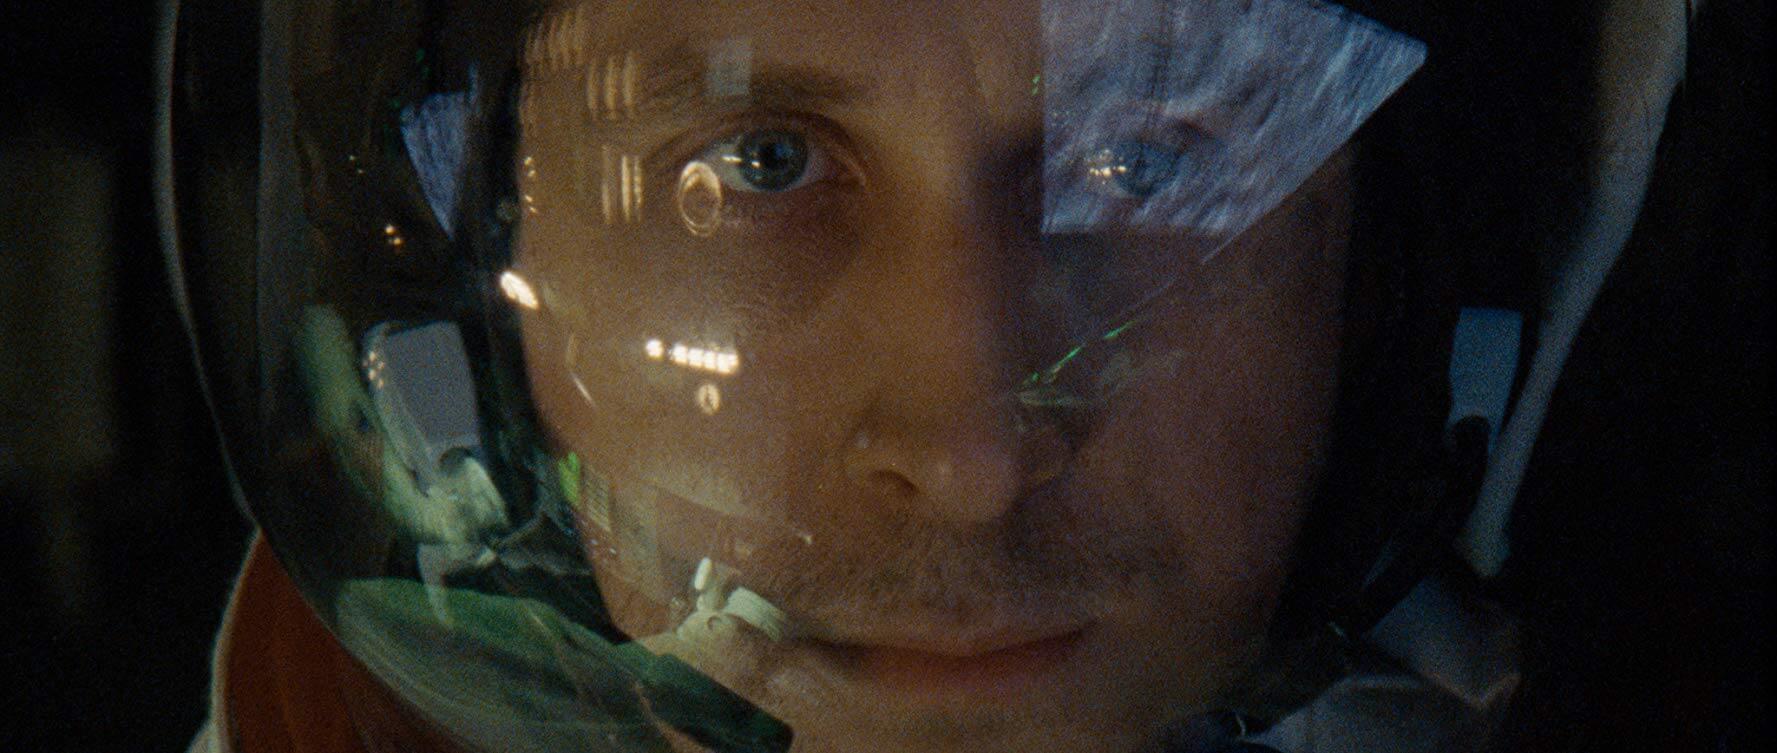 《 登月先鋒 》 雷恩葛斯林 細膩精湛的情感詮釋,令人動容。